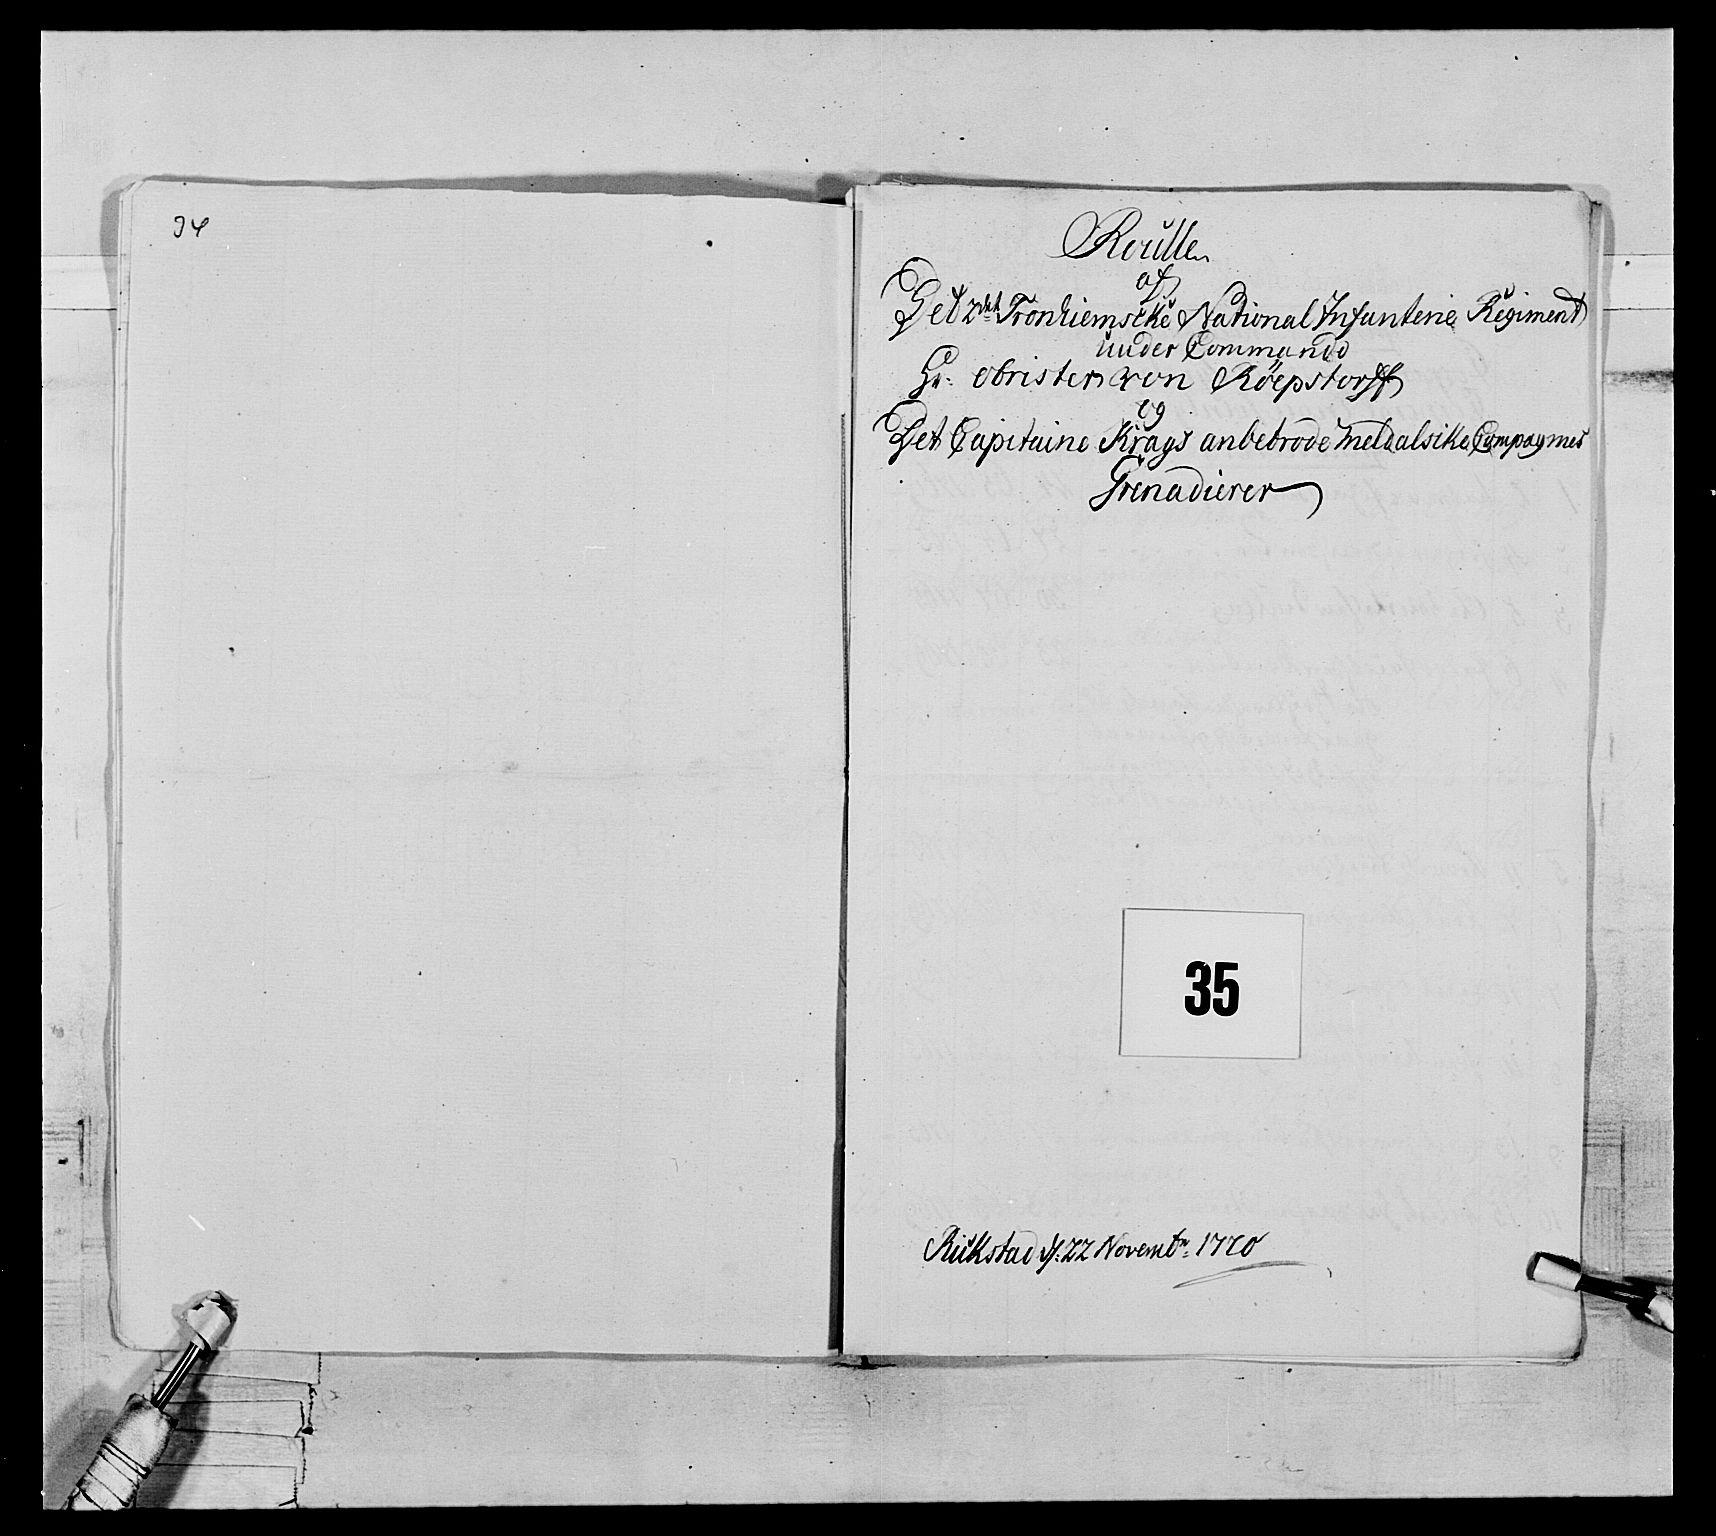 RA, Generalitets- og kommissariatskollegiet, Det kongelige norske kommissariatskollegium, E/Eh/L0076: 2. Trondheimske nasjonale infanteriregiment, 1766-1773, s. 106